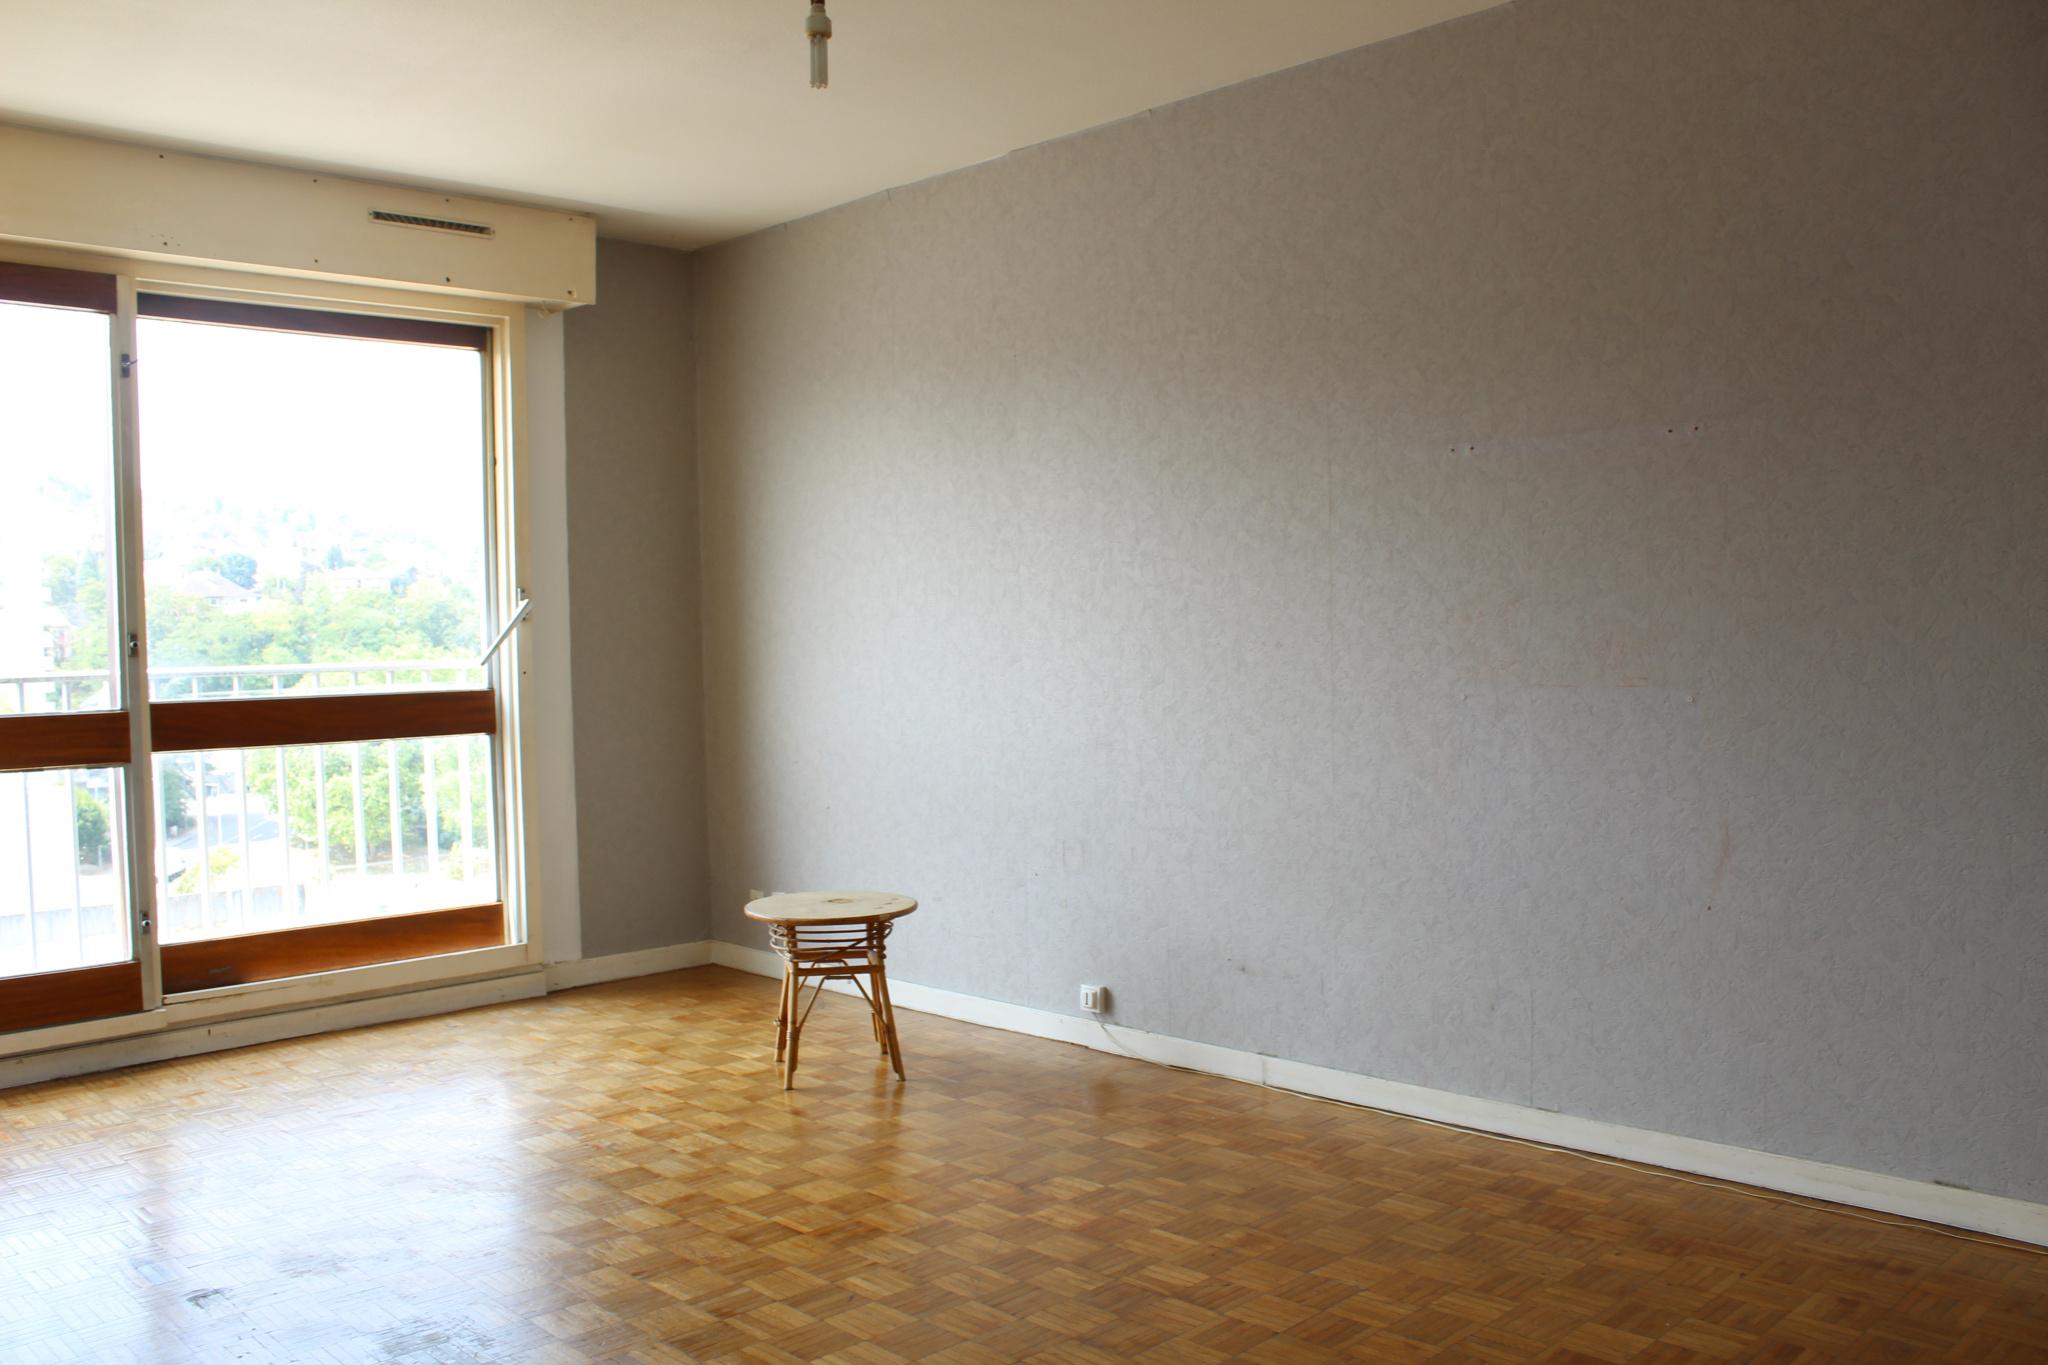 Vente appartement dijon COMMERCES